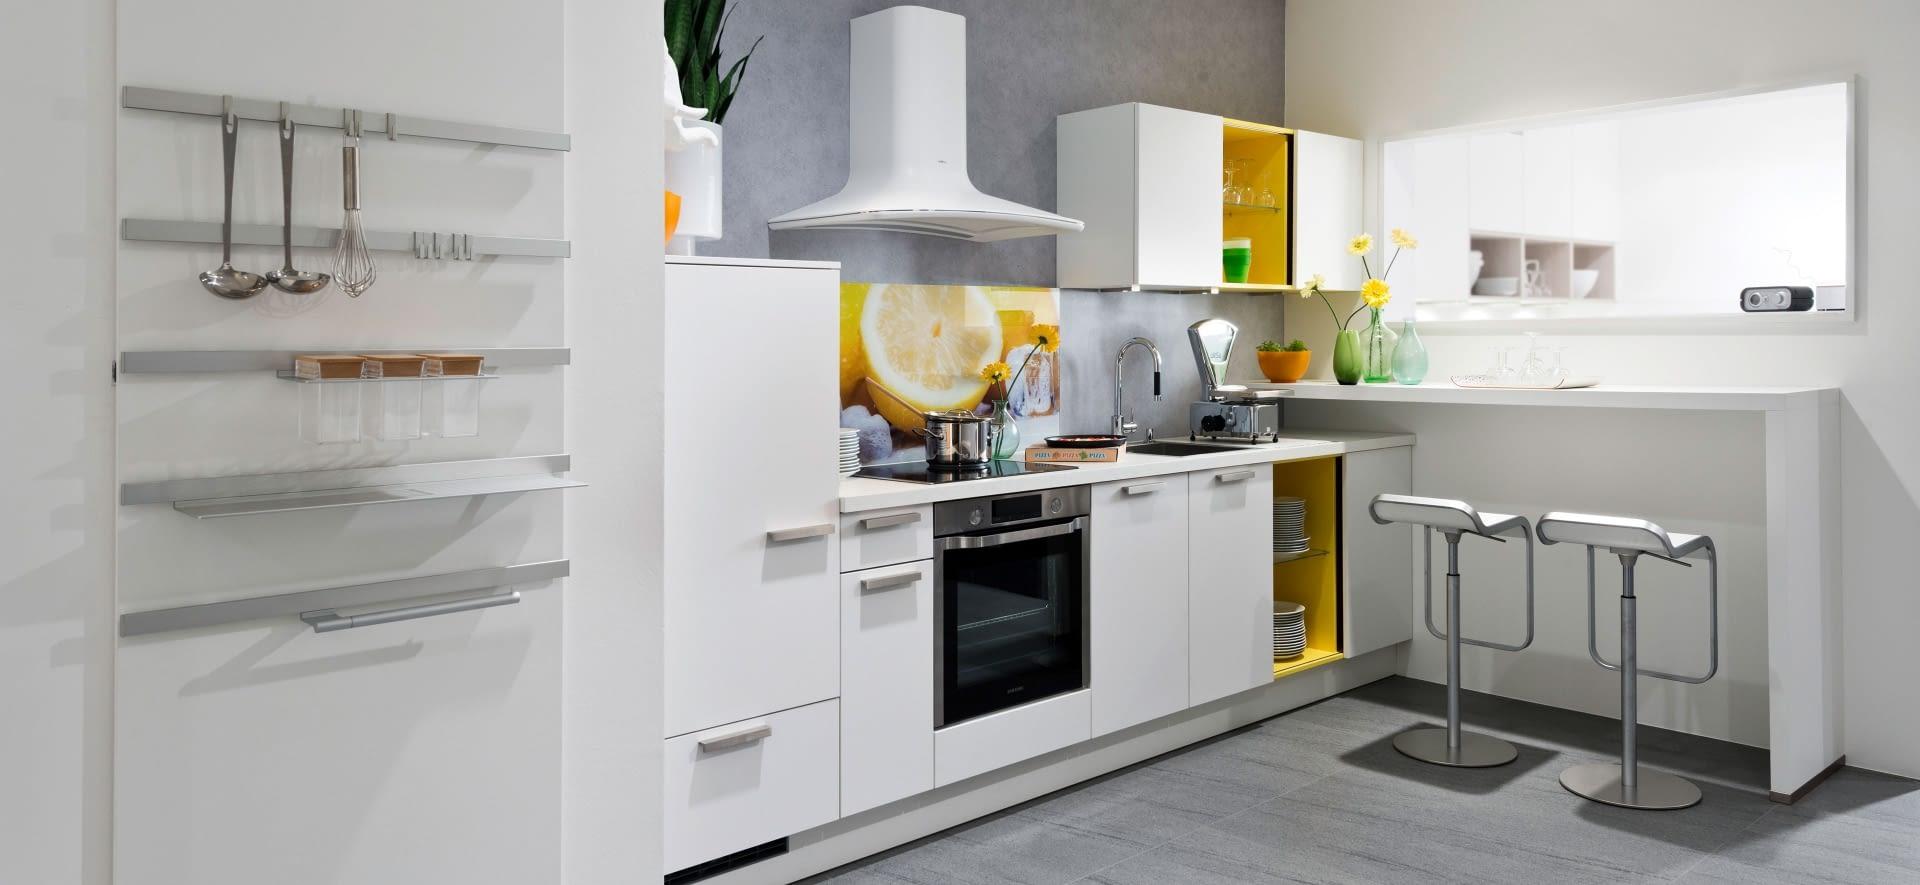 design k chenzeile touch wei softmatt mit blanco zeus. Black Bedroom Furniture Sets. Home Design Ideas